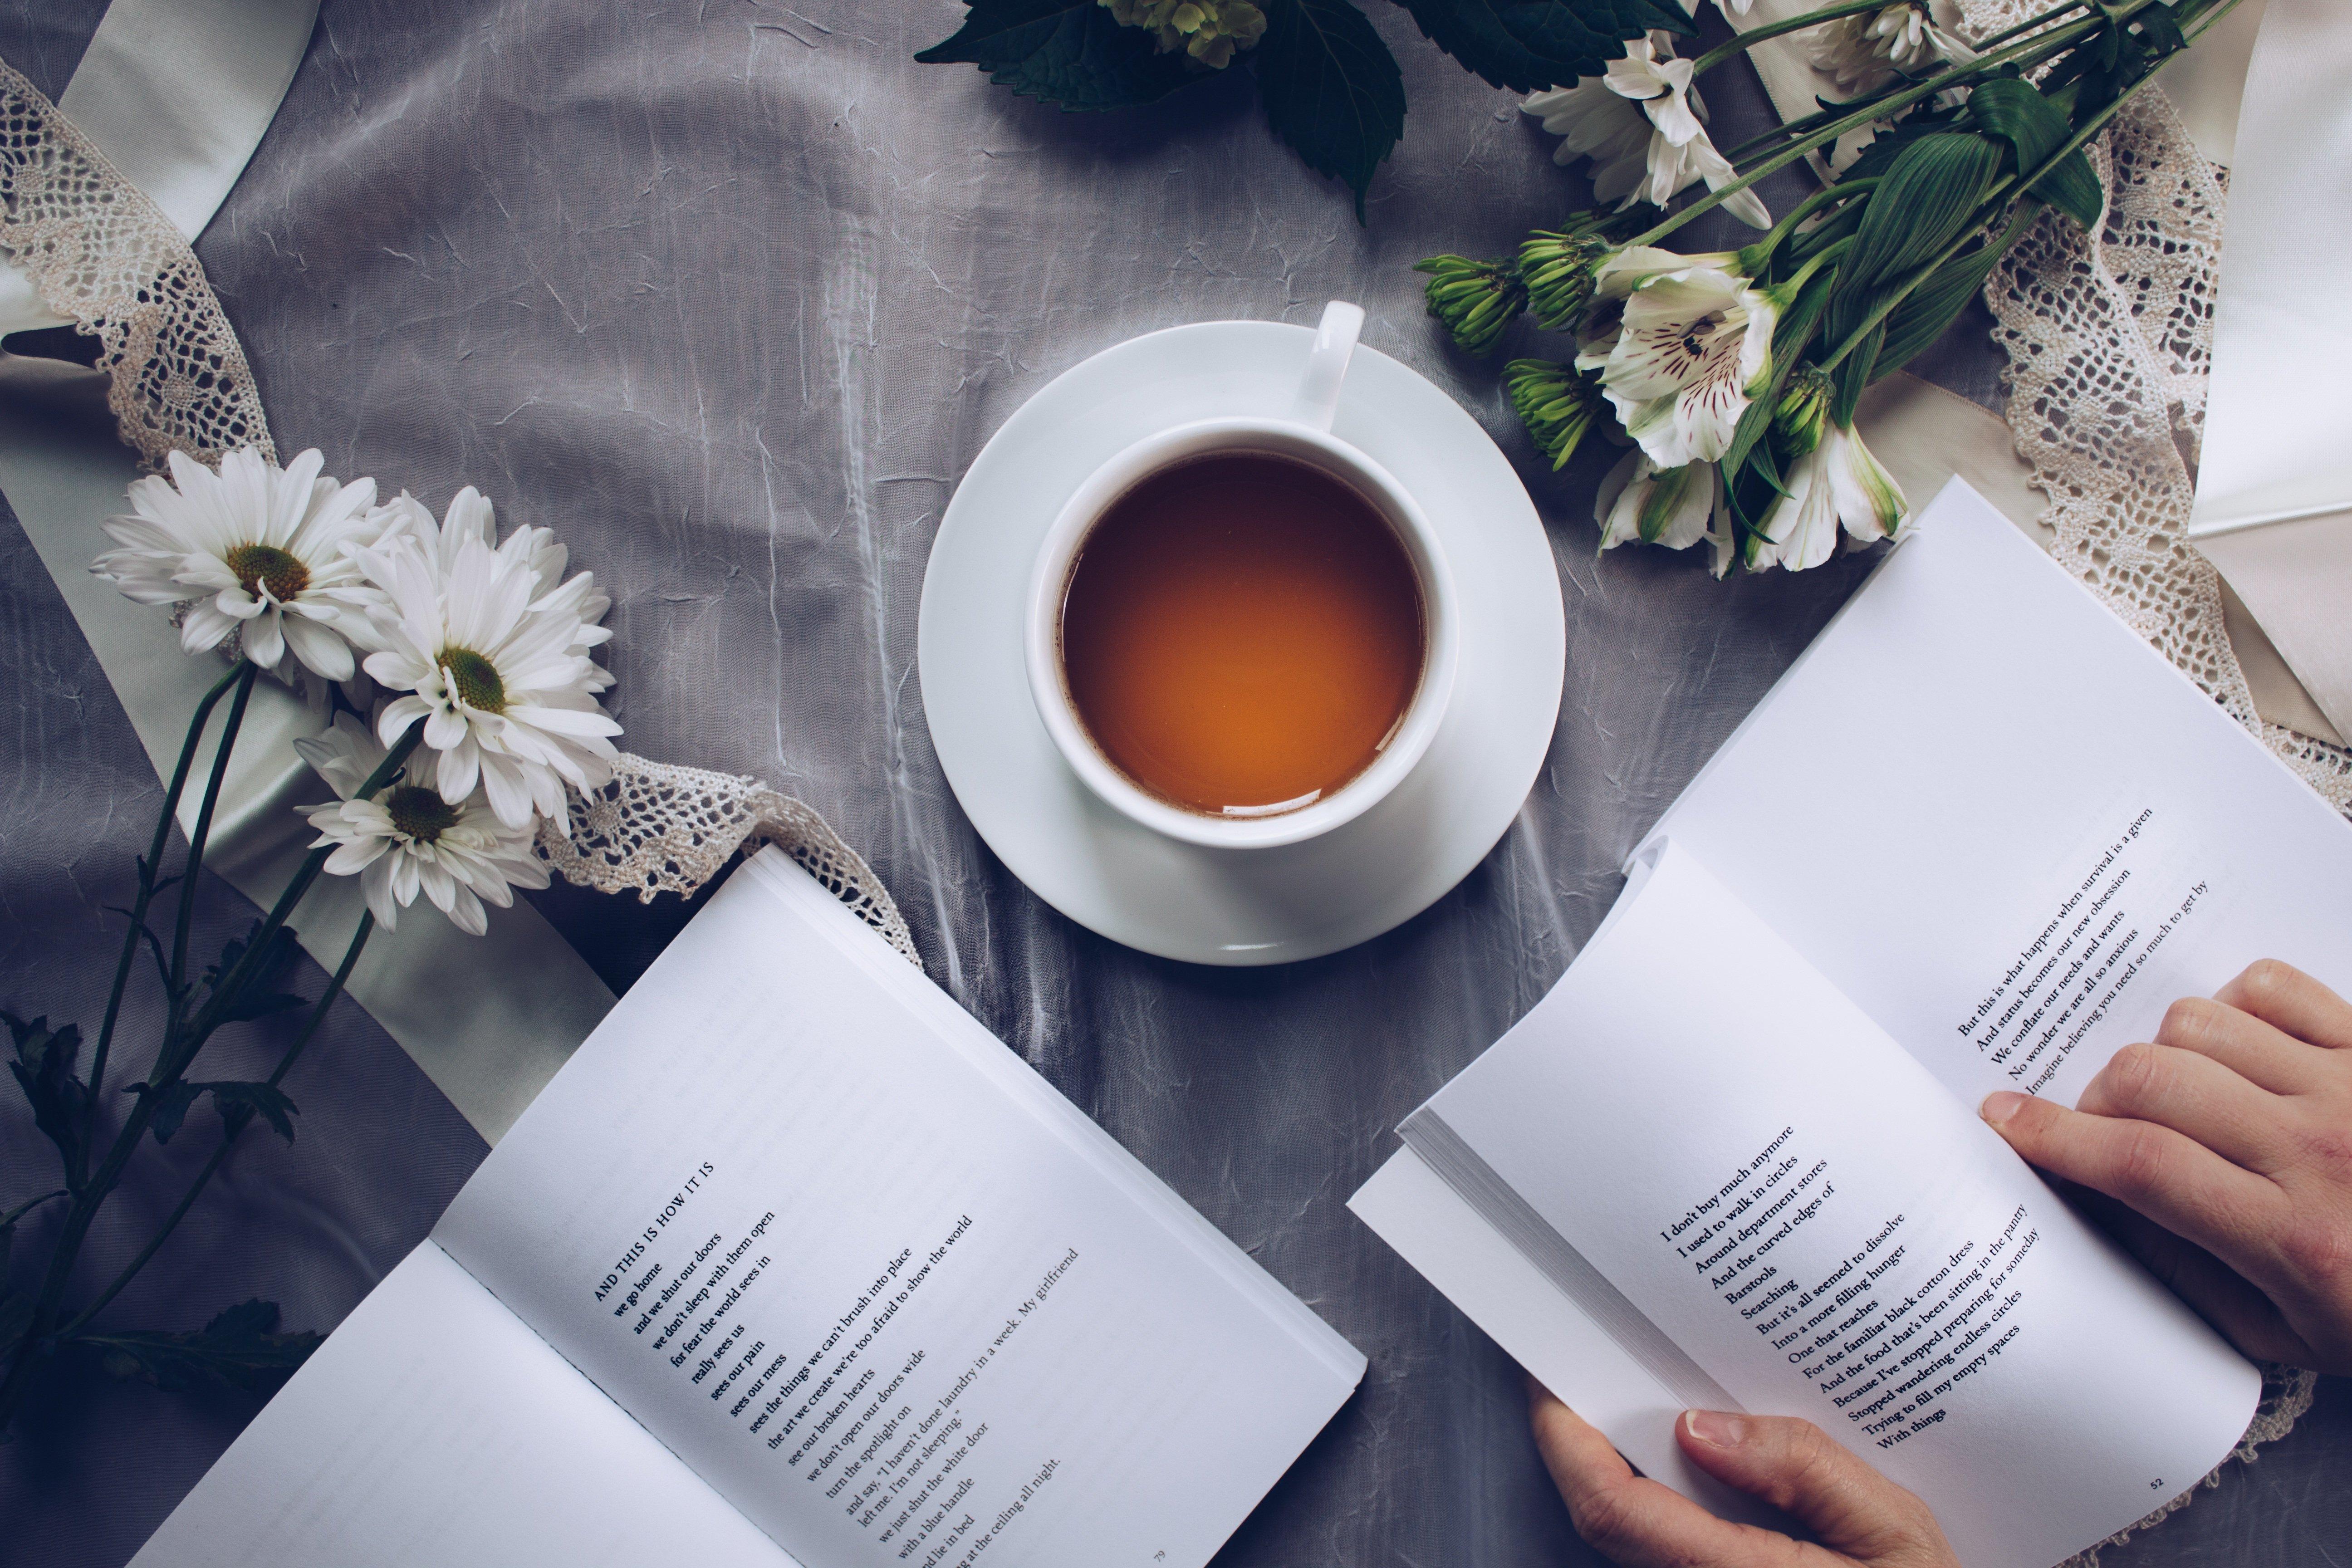 dlaczego tylkoniektórzy lubią poezję